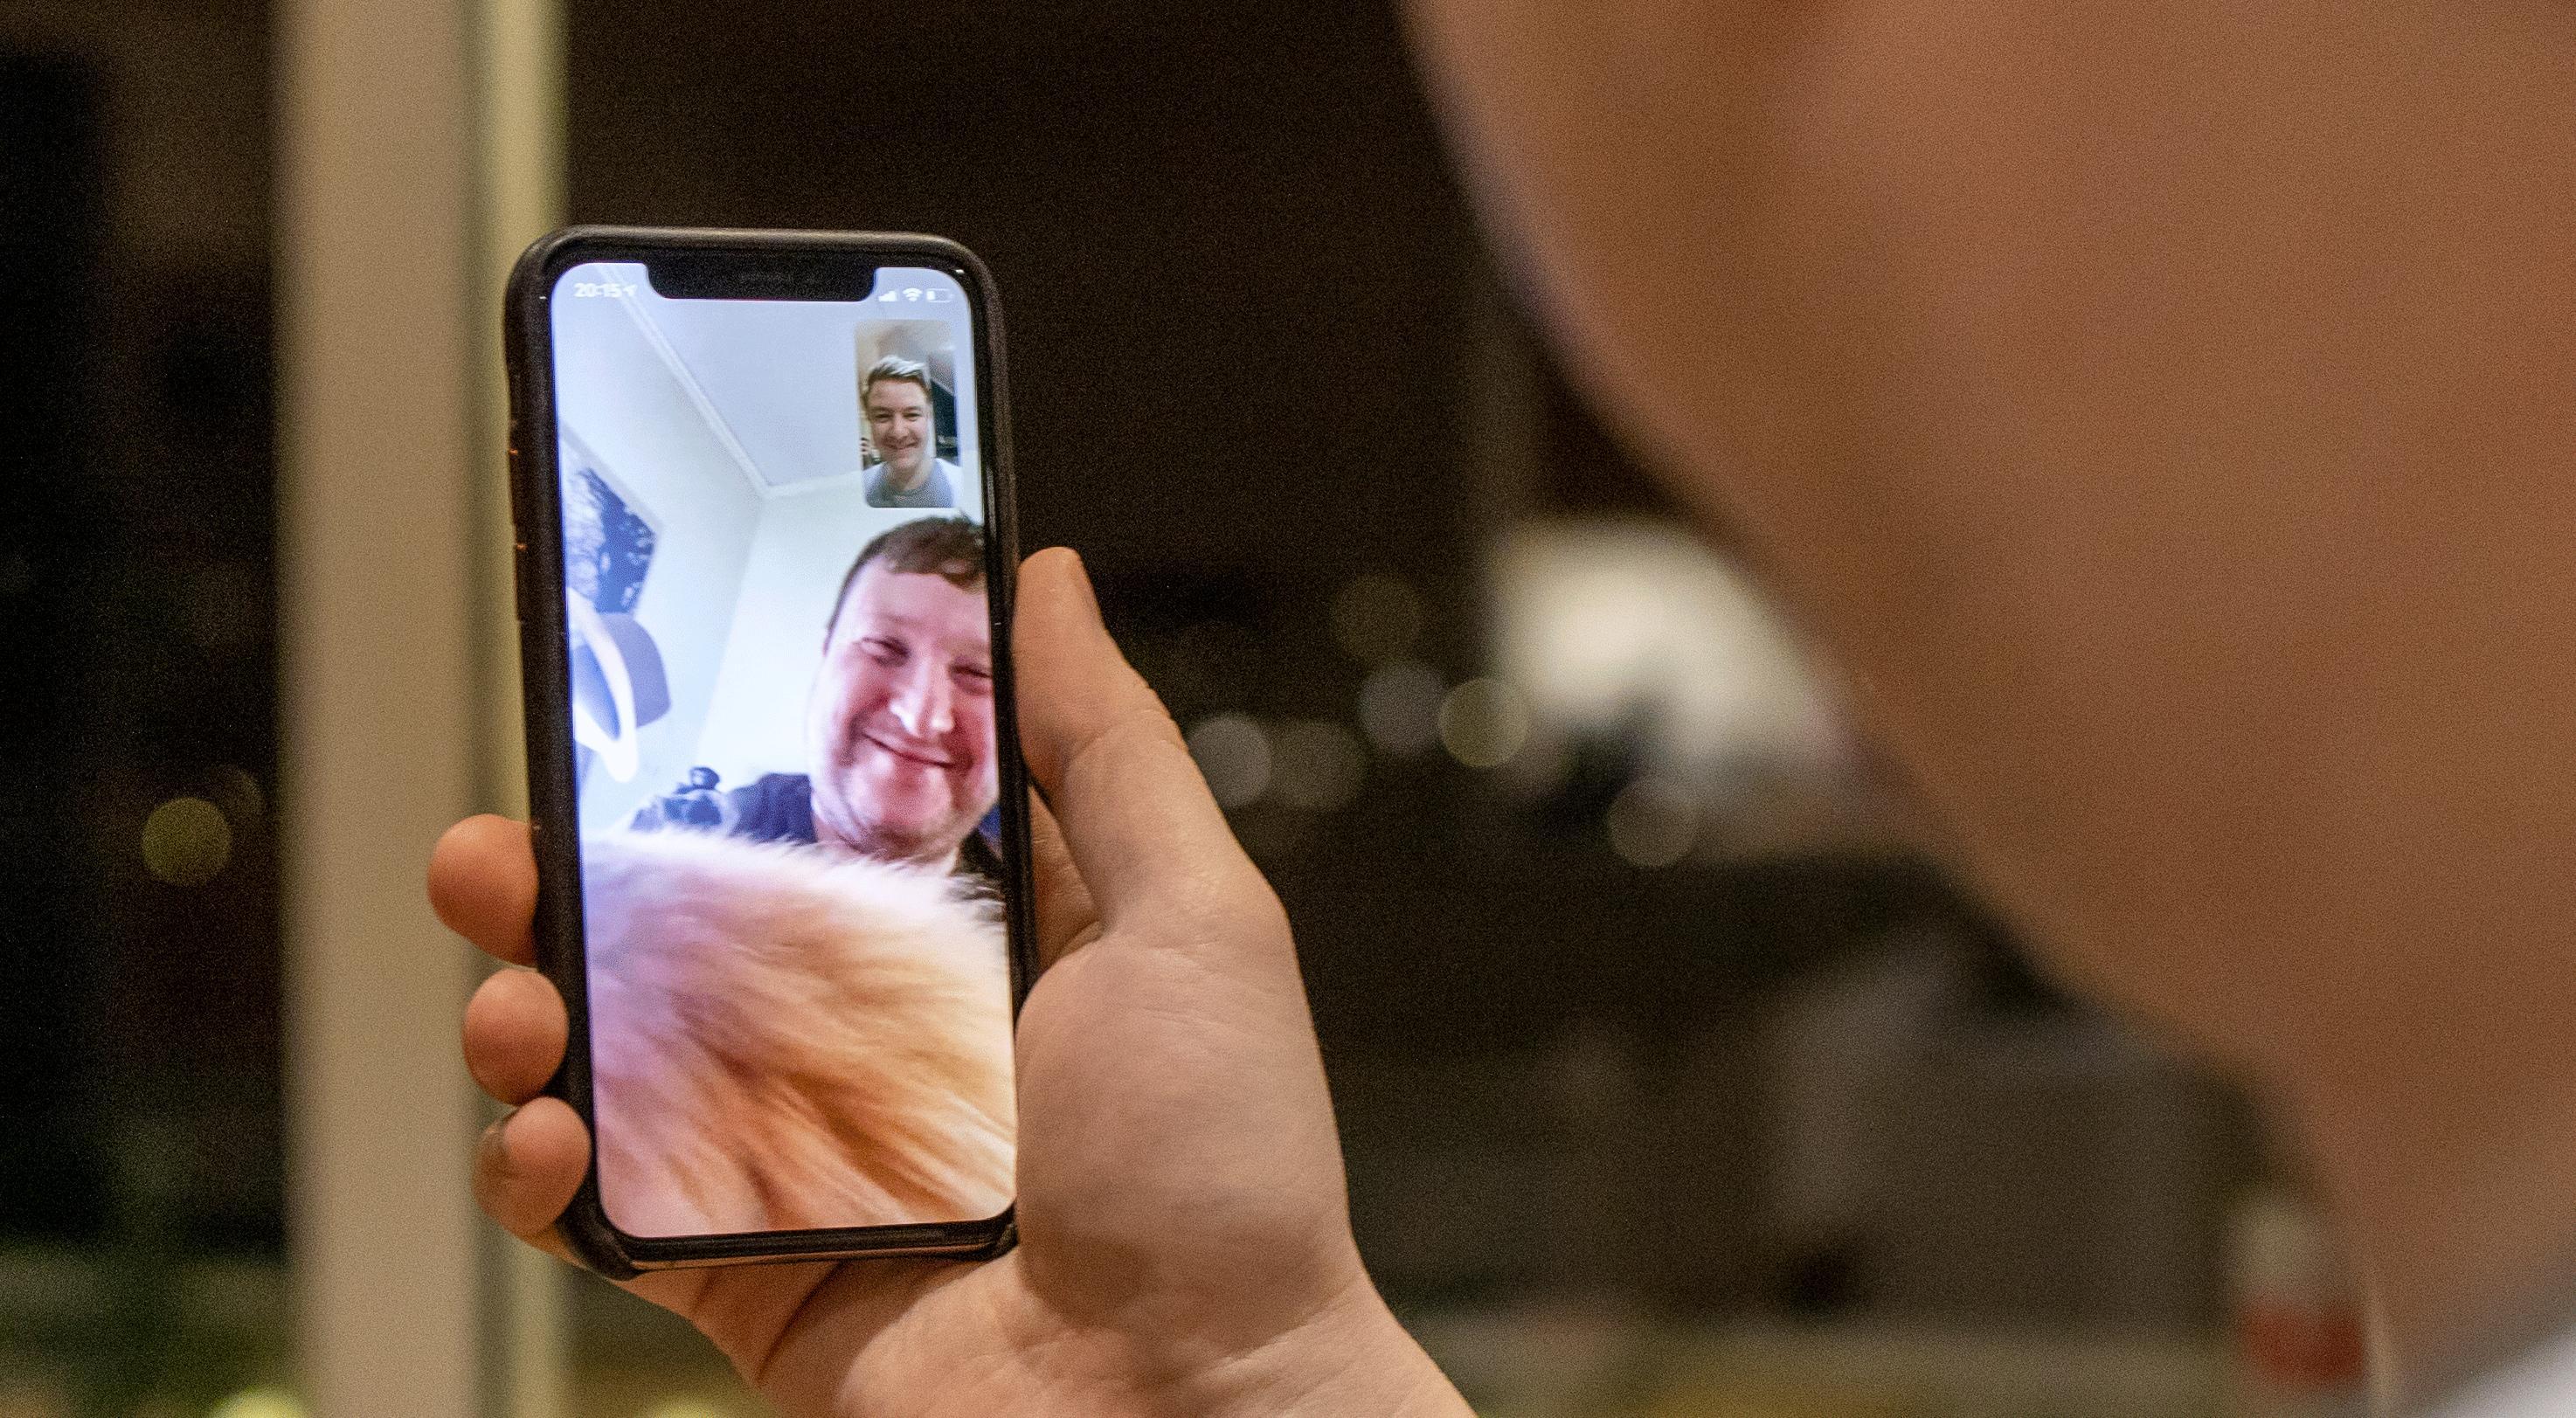 Slik holder du kontakten med FaceTime og Duo